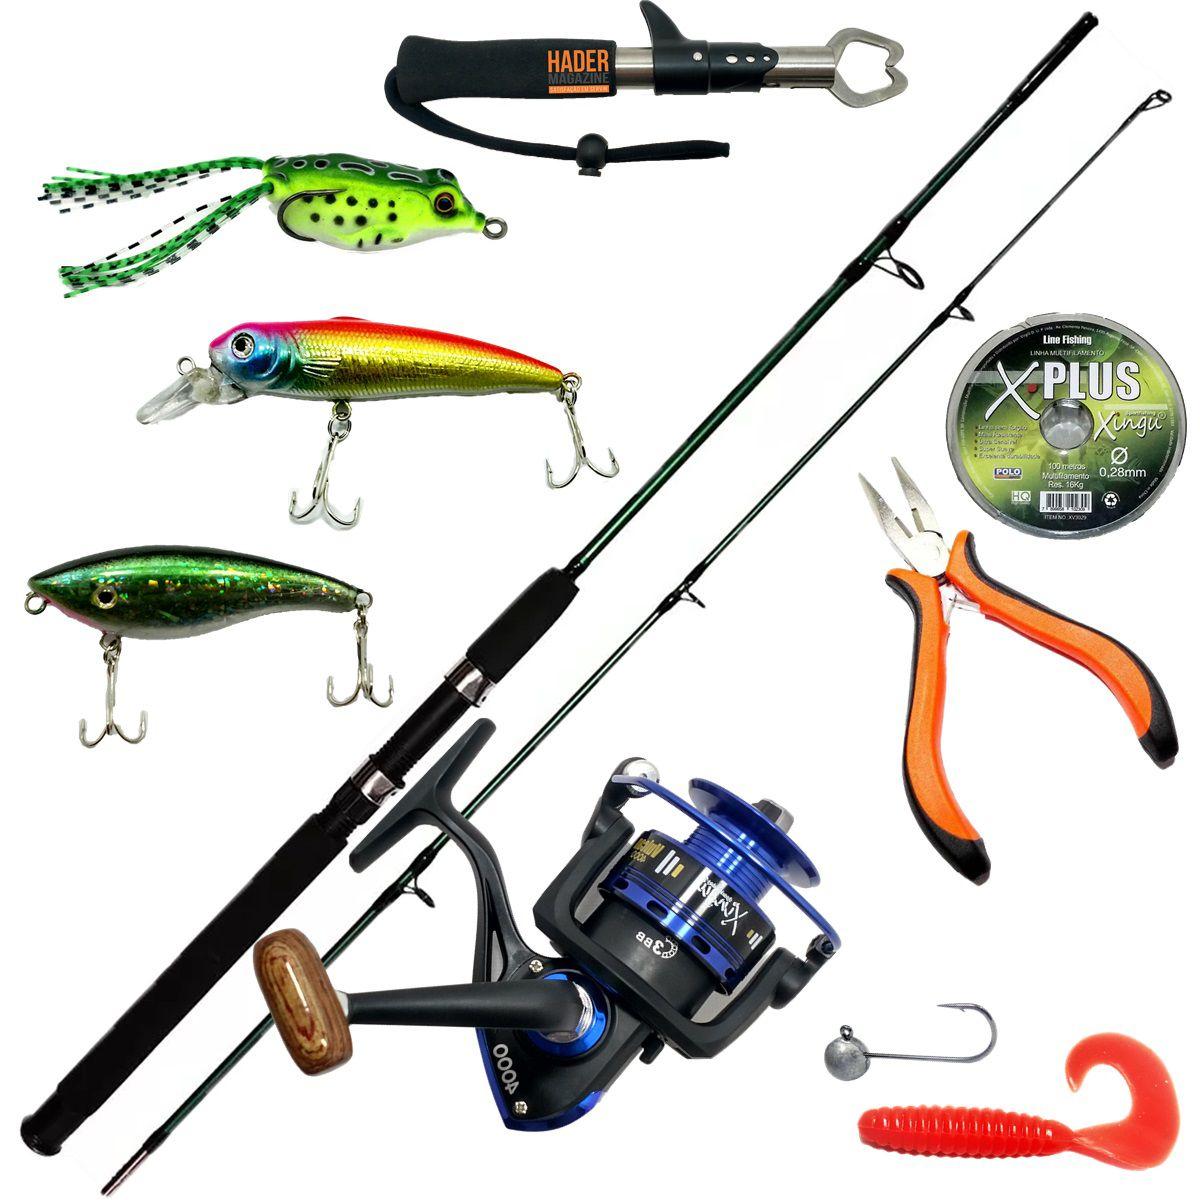 Vara De Pesca Completa 1,70 25-50lb Molinete 4000 Traira